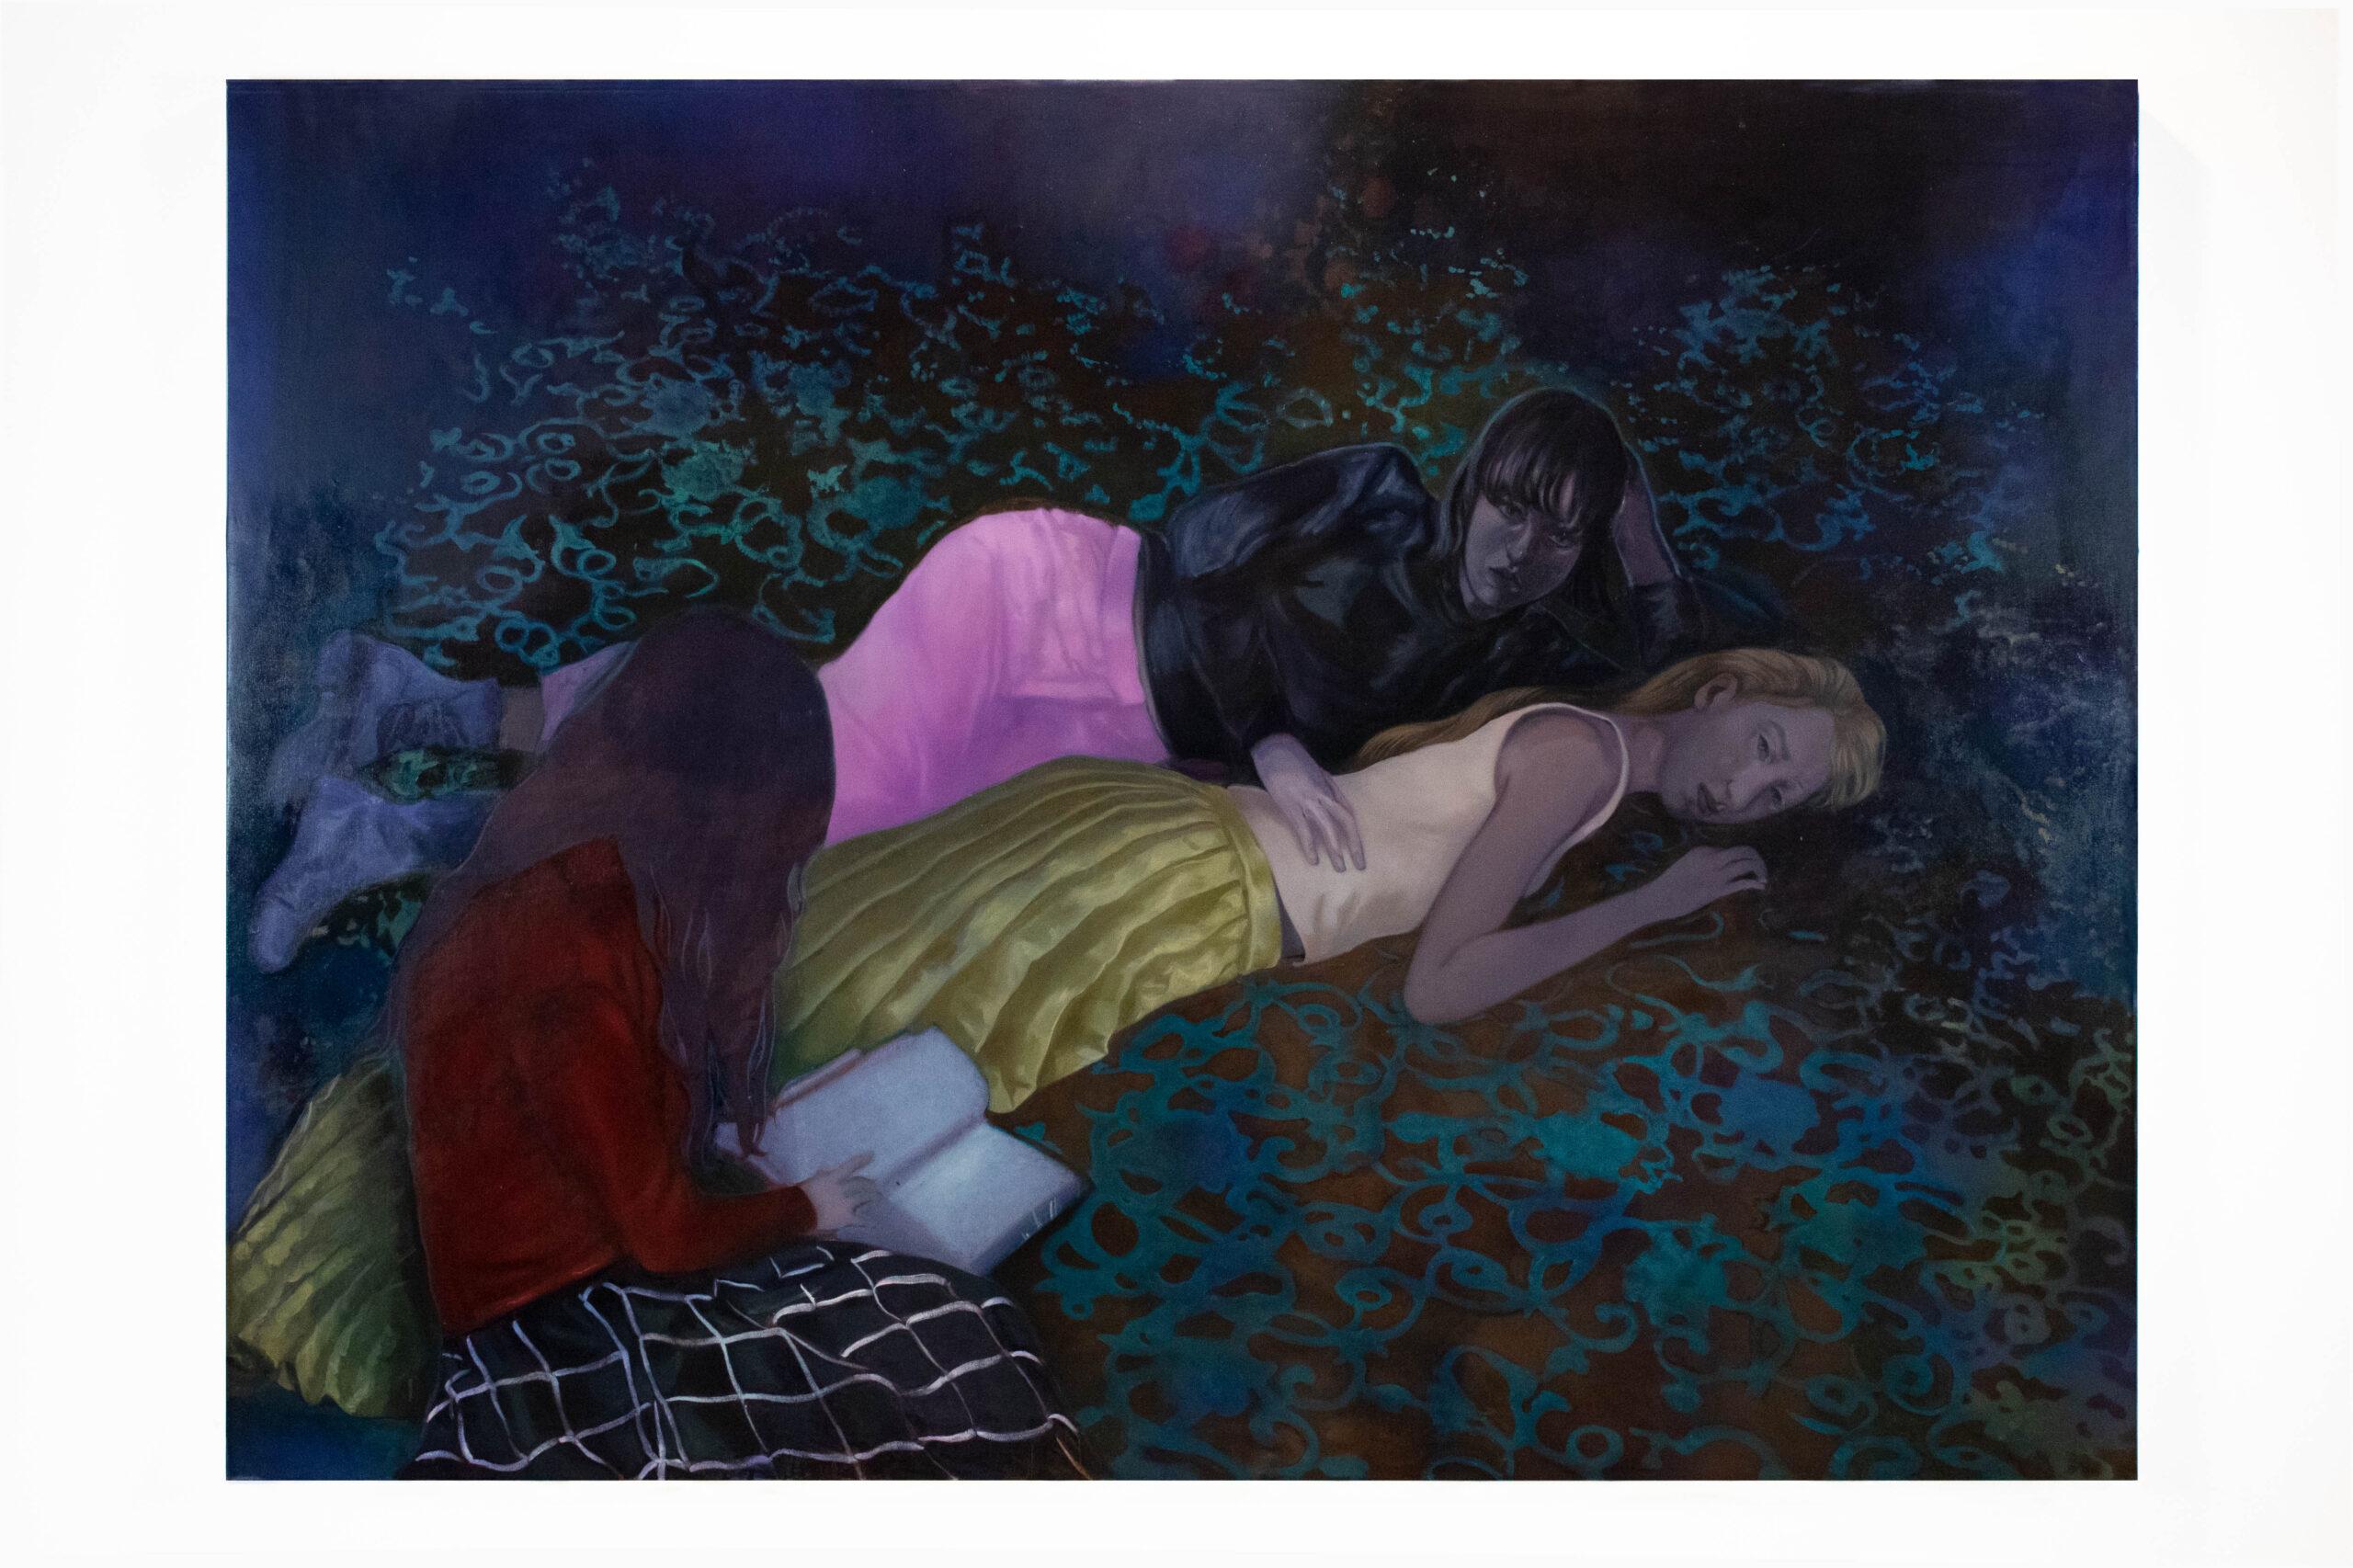 La pittura come luogo di introspezione. La personale di Maddalena Tesser a Venezia